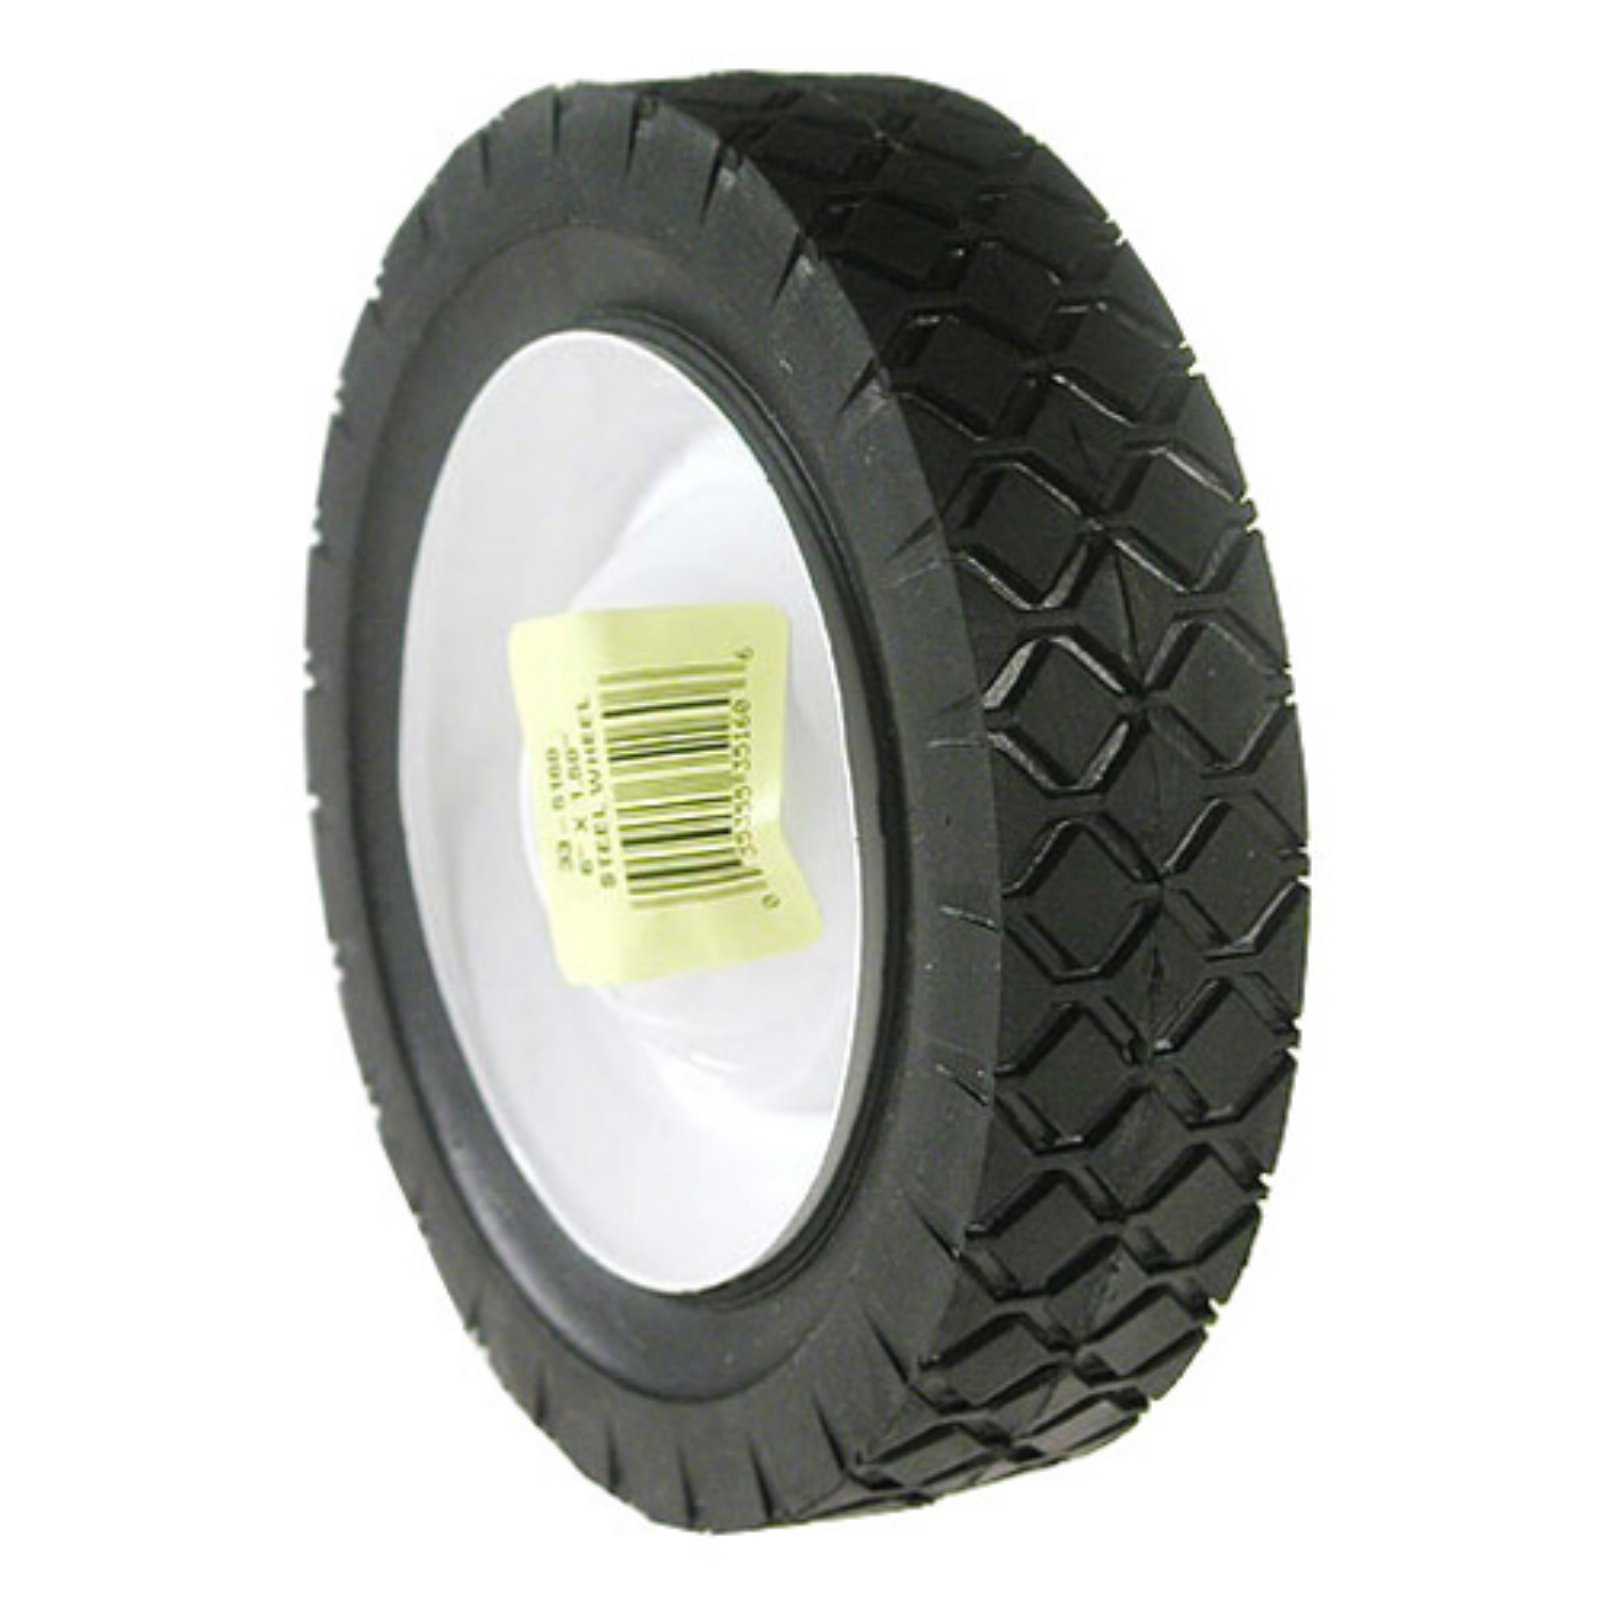 Maxpower 335170 7 in x 1.50 in Steel Lawn Mower Wheel